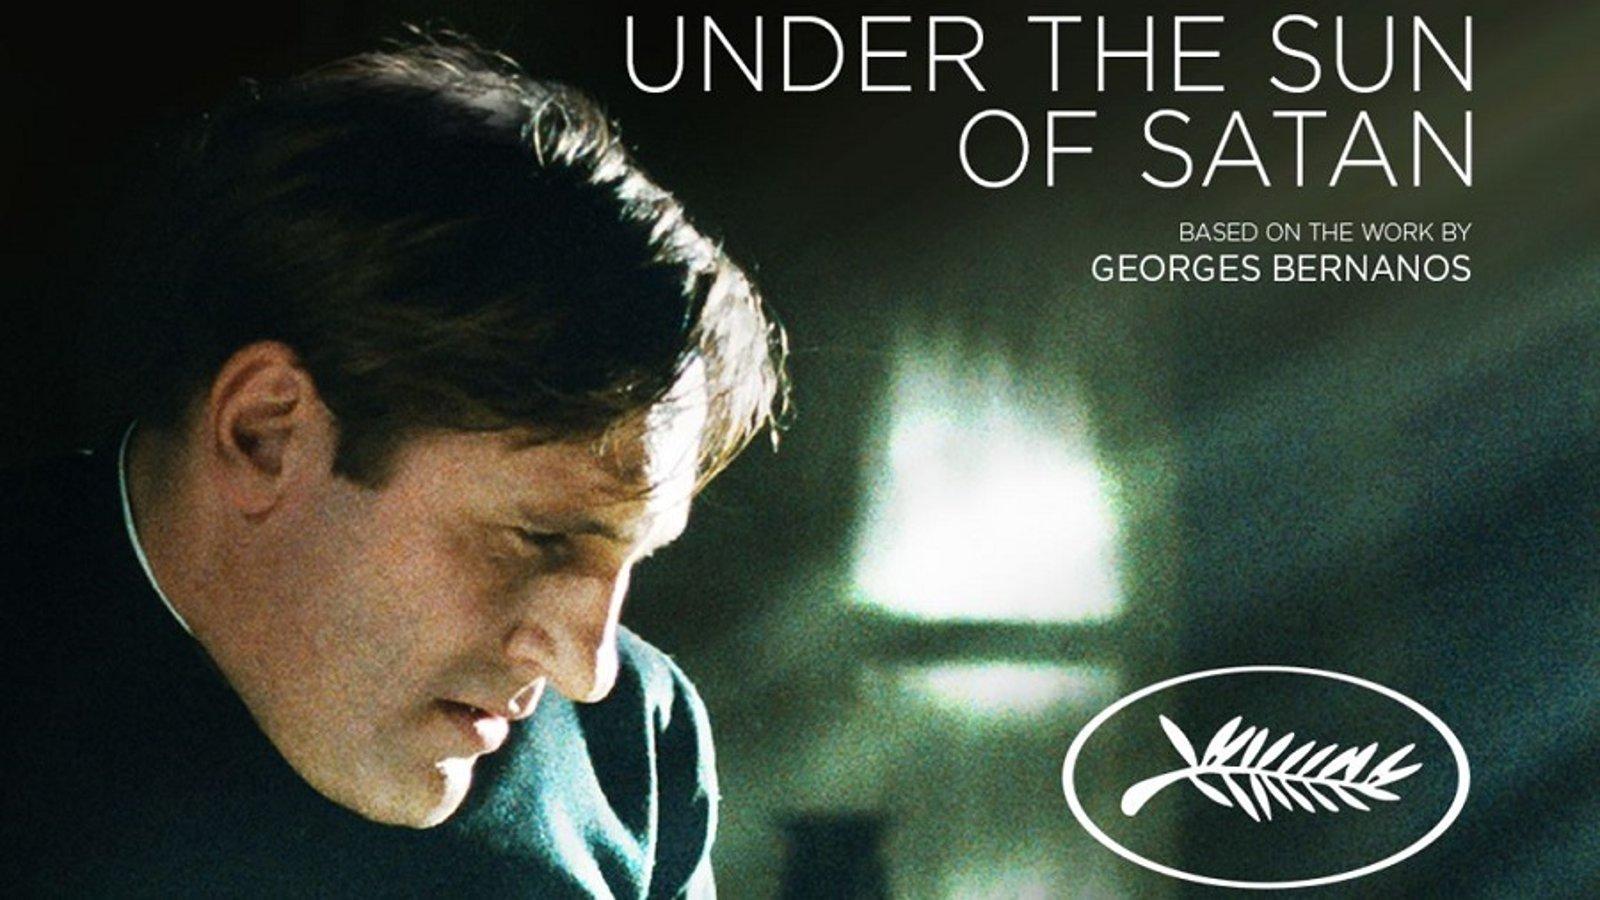 Under the Sun of Satan - Sous le soleil de Satan